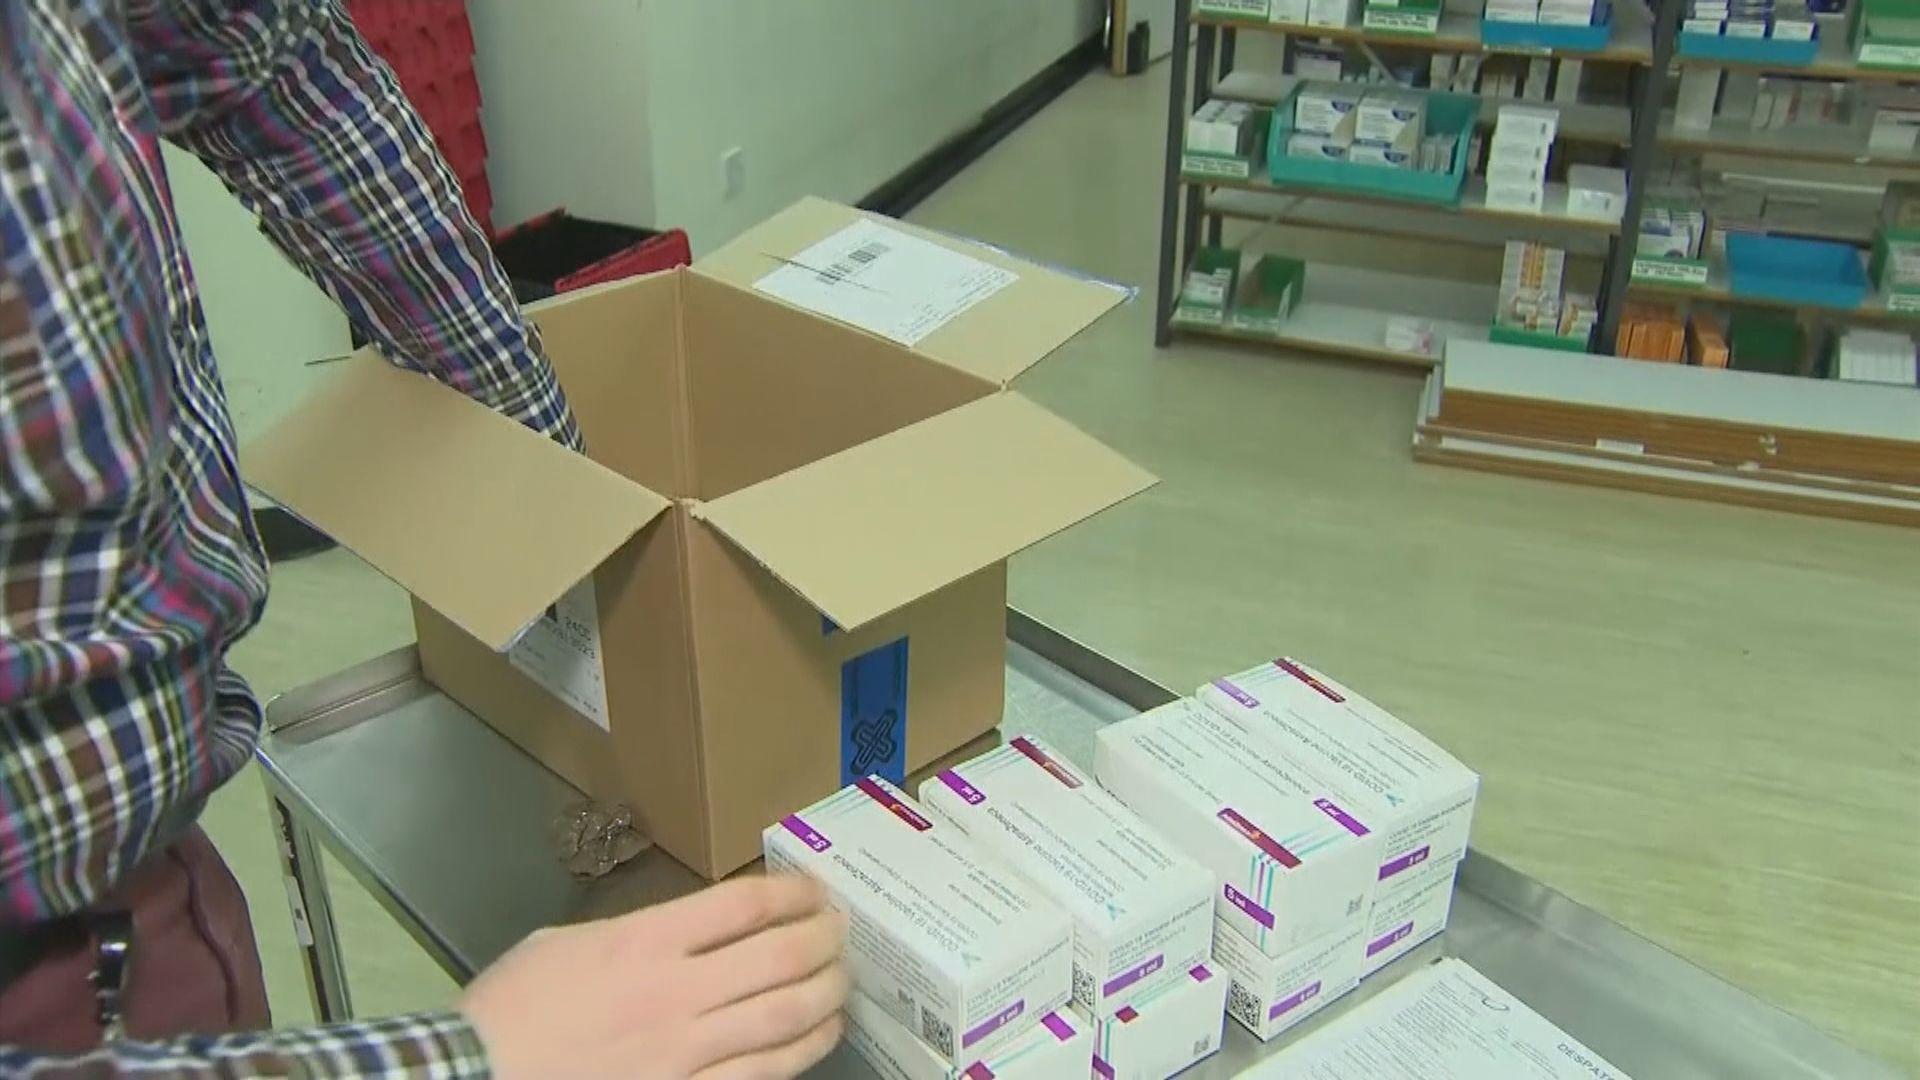 愛爾蘭及荷蘭暫停使用阿斯利康疫苗